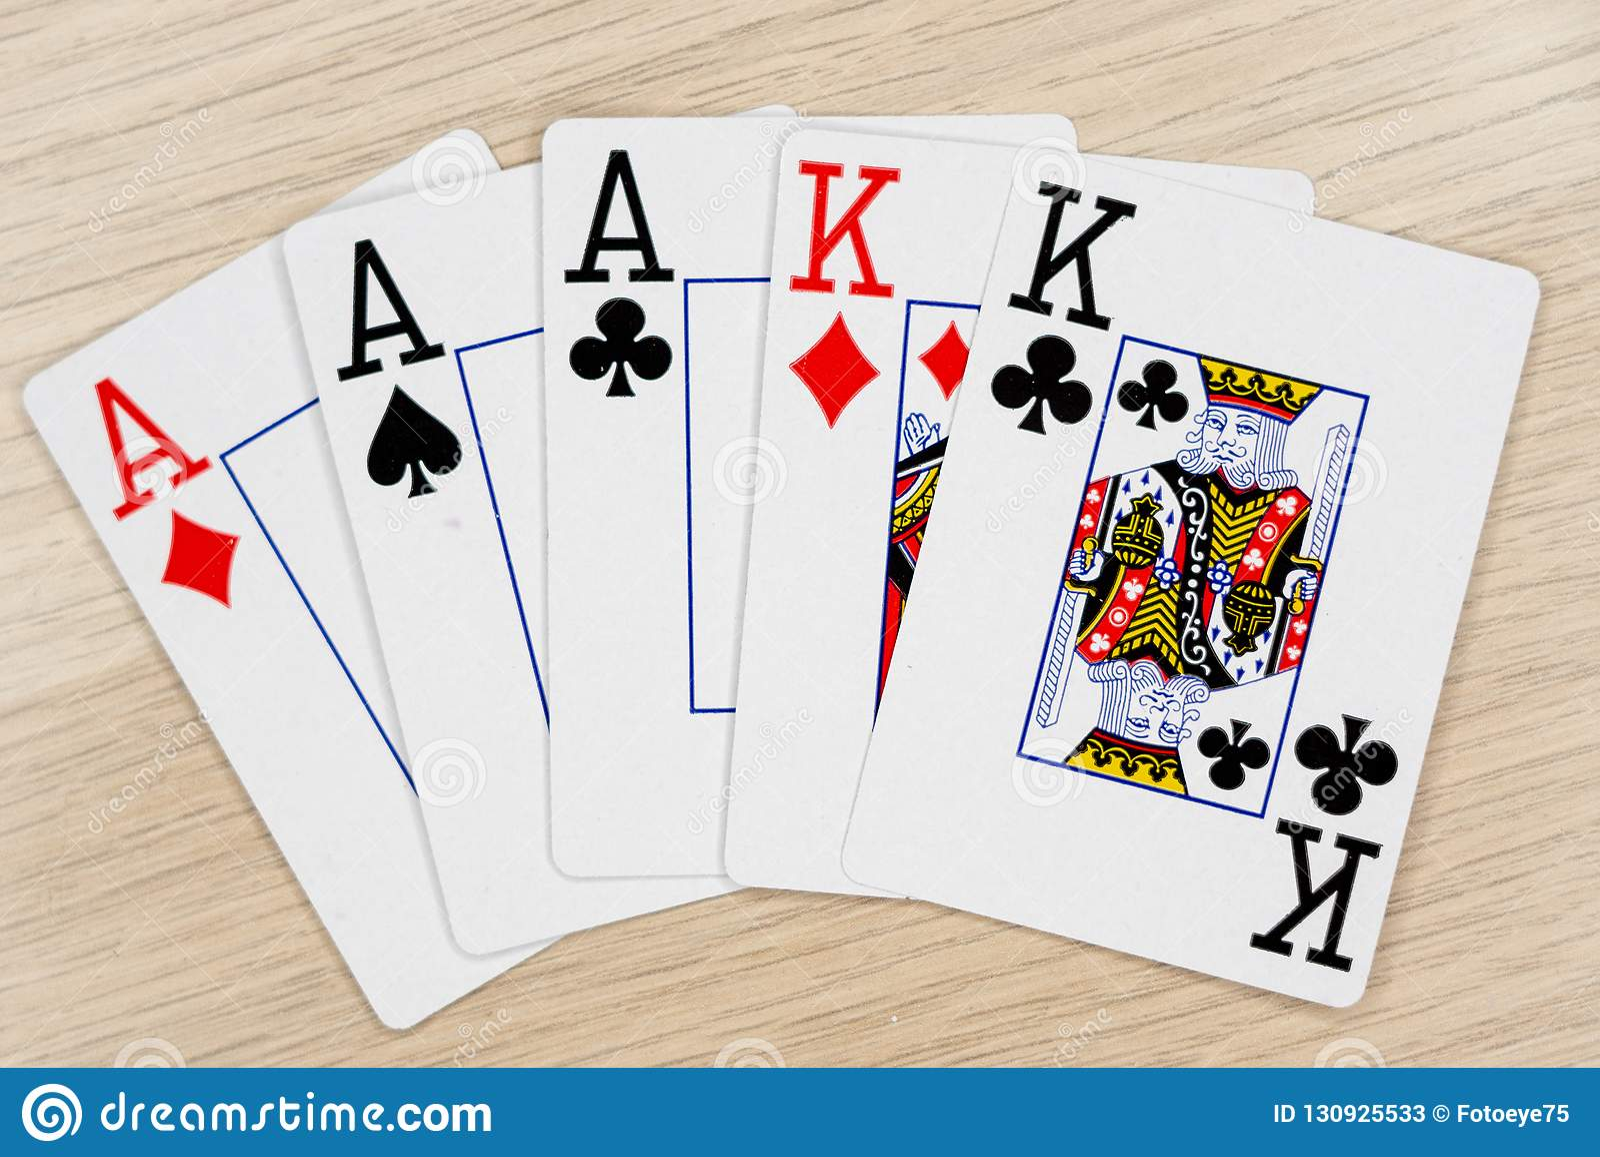 Reyes de los as de la casa llena - casino que juega tarjetas del póker